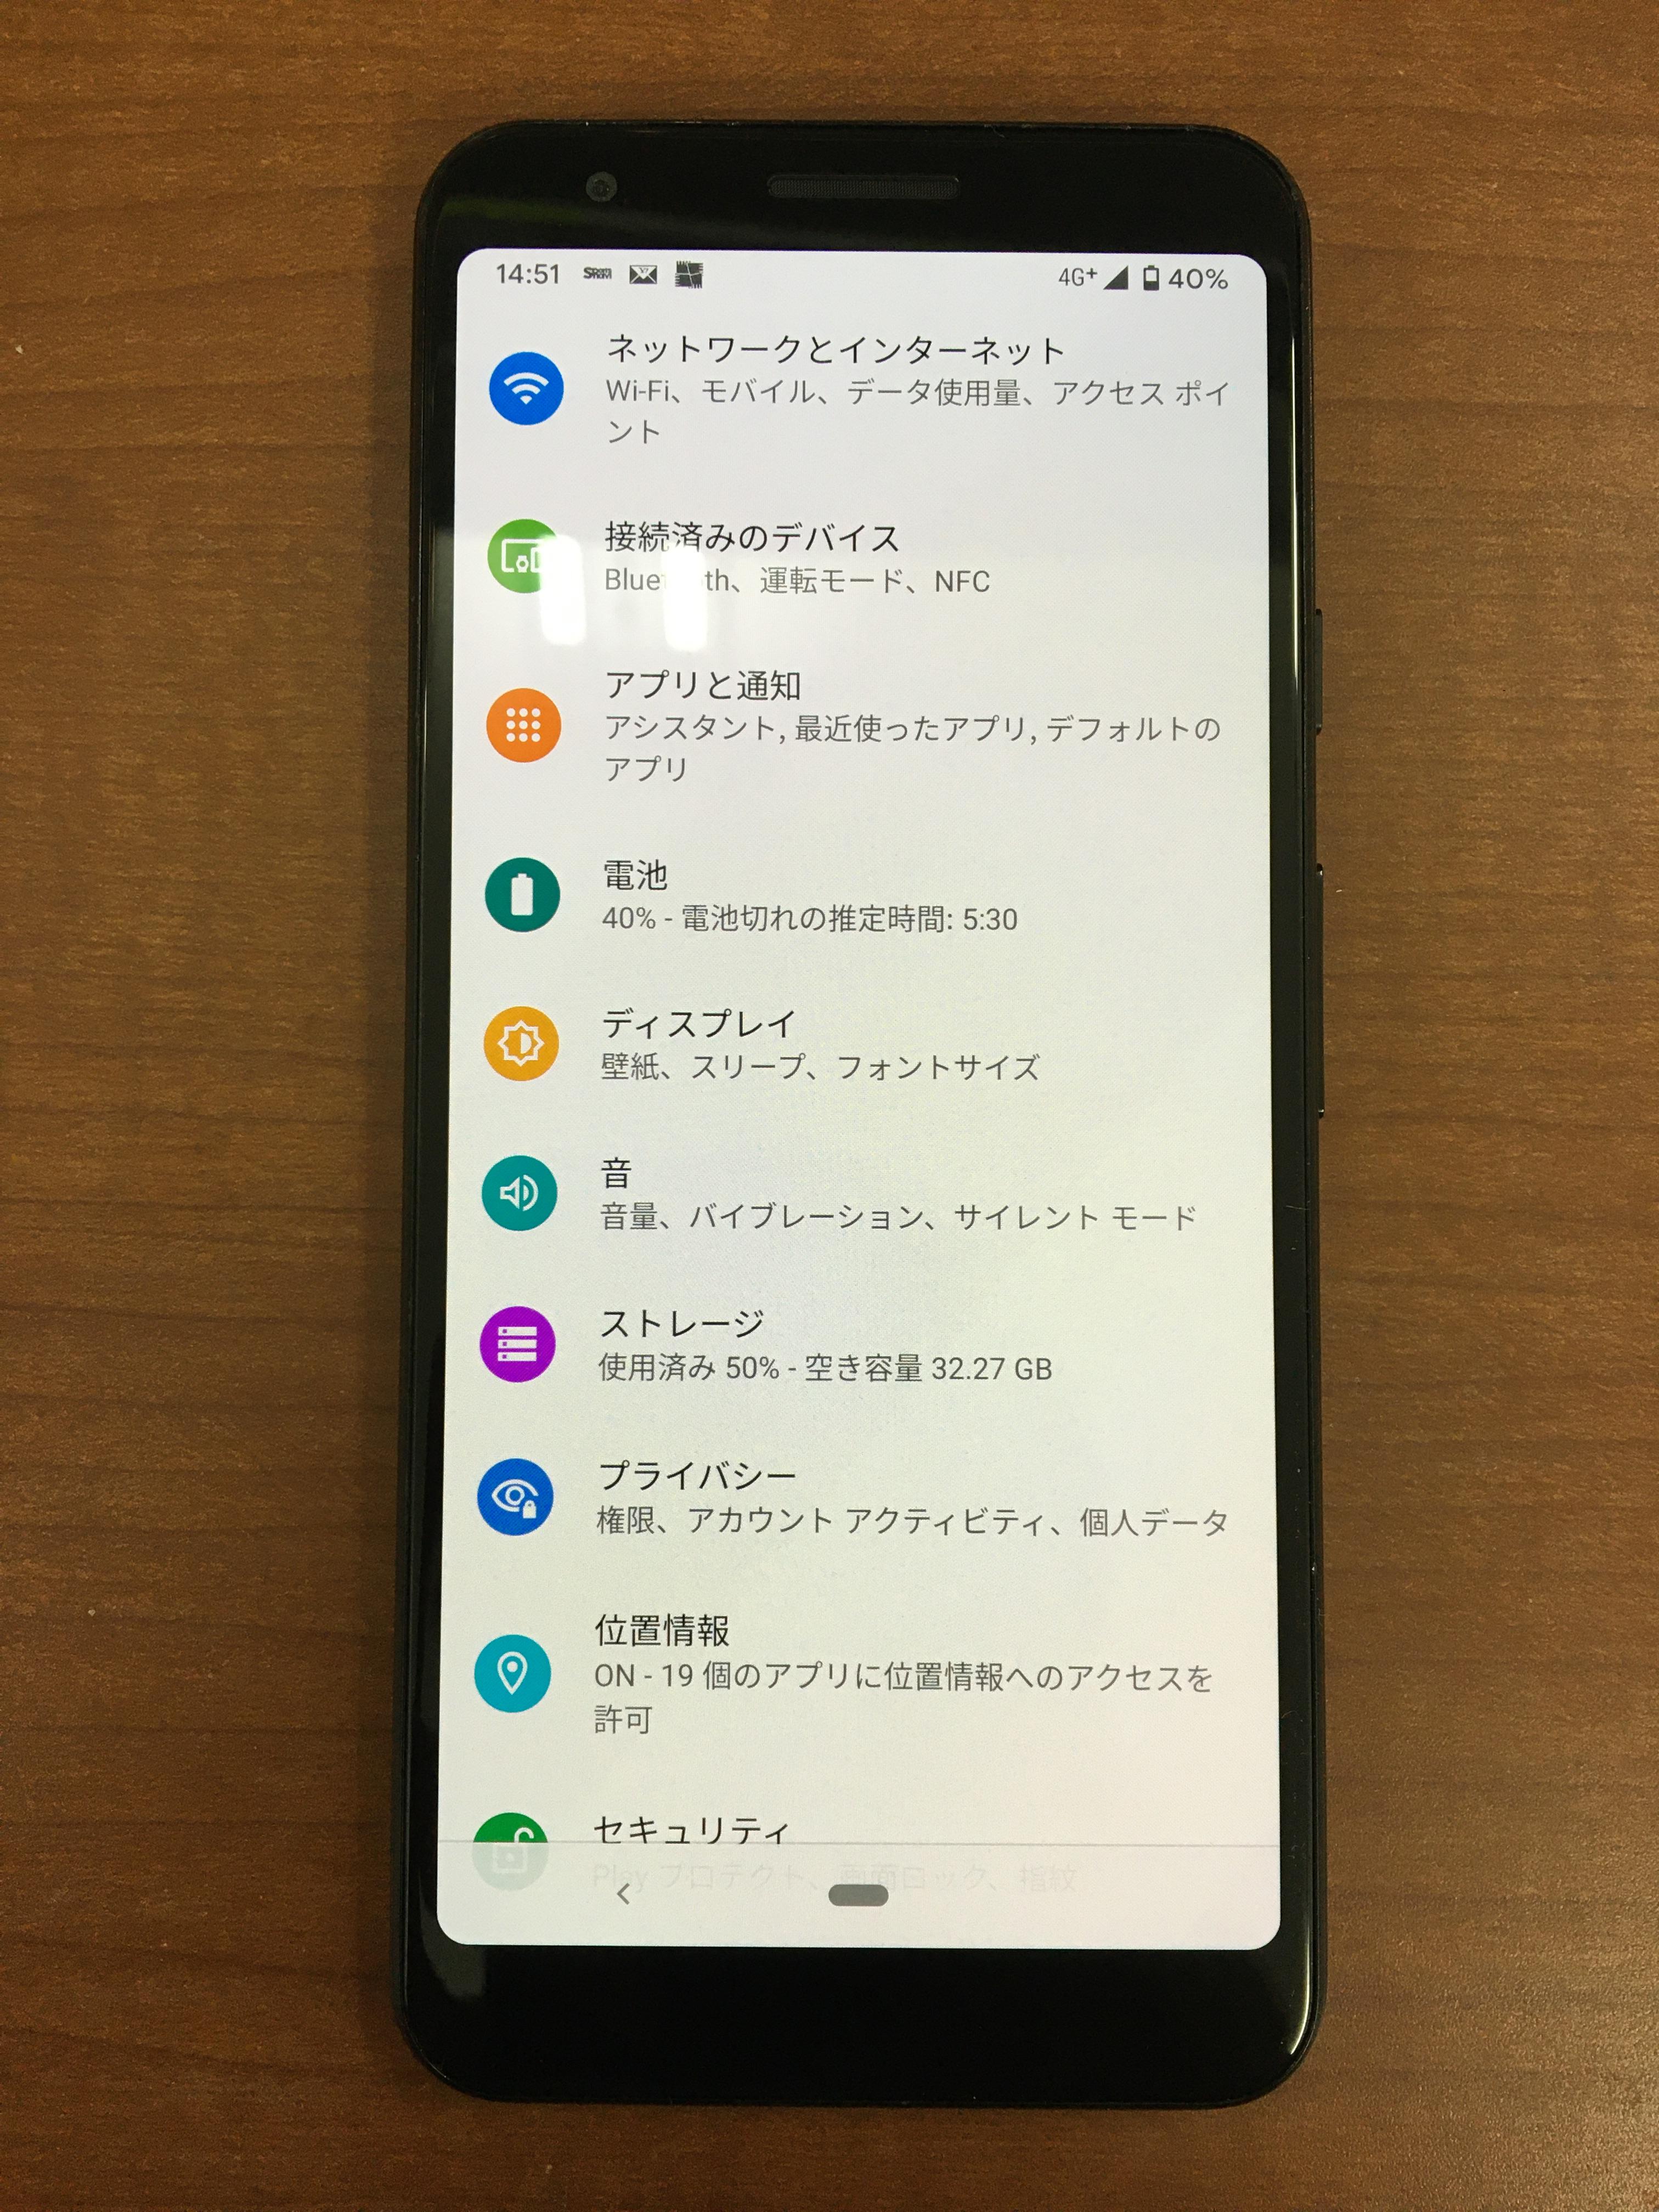 角からスマホを落としただけなのに 画面が全く映らなくなってしまったpixel 3aの画面交換修理 スマホスピタル熊本店が即日対応で修理させていただきました Xperia Galaxy Zenfone Huawei Nexus修理のアンドロイドホスピタル